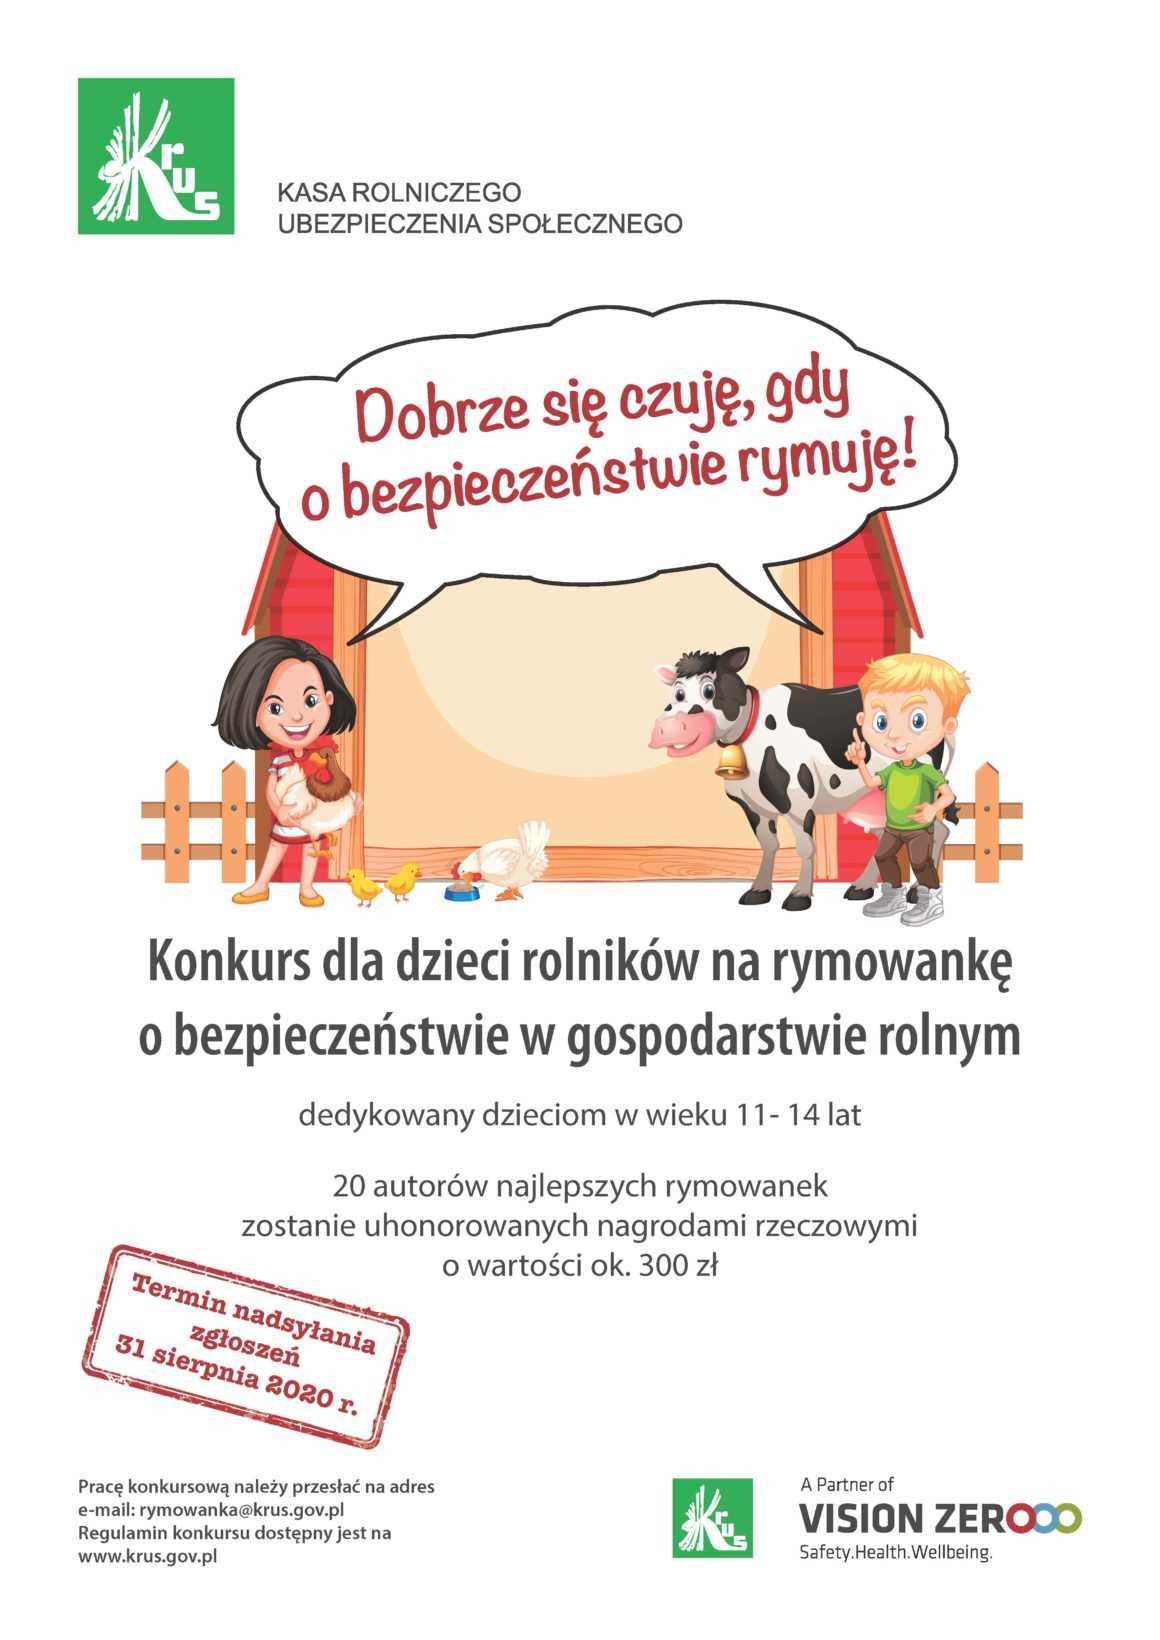 KRUS: konkurs dla dzieci na rymowankę o bezpieczeństwie w rolnictwie